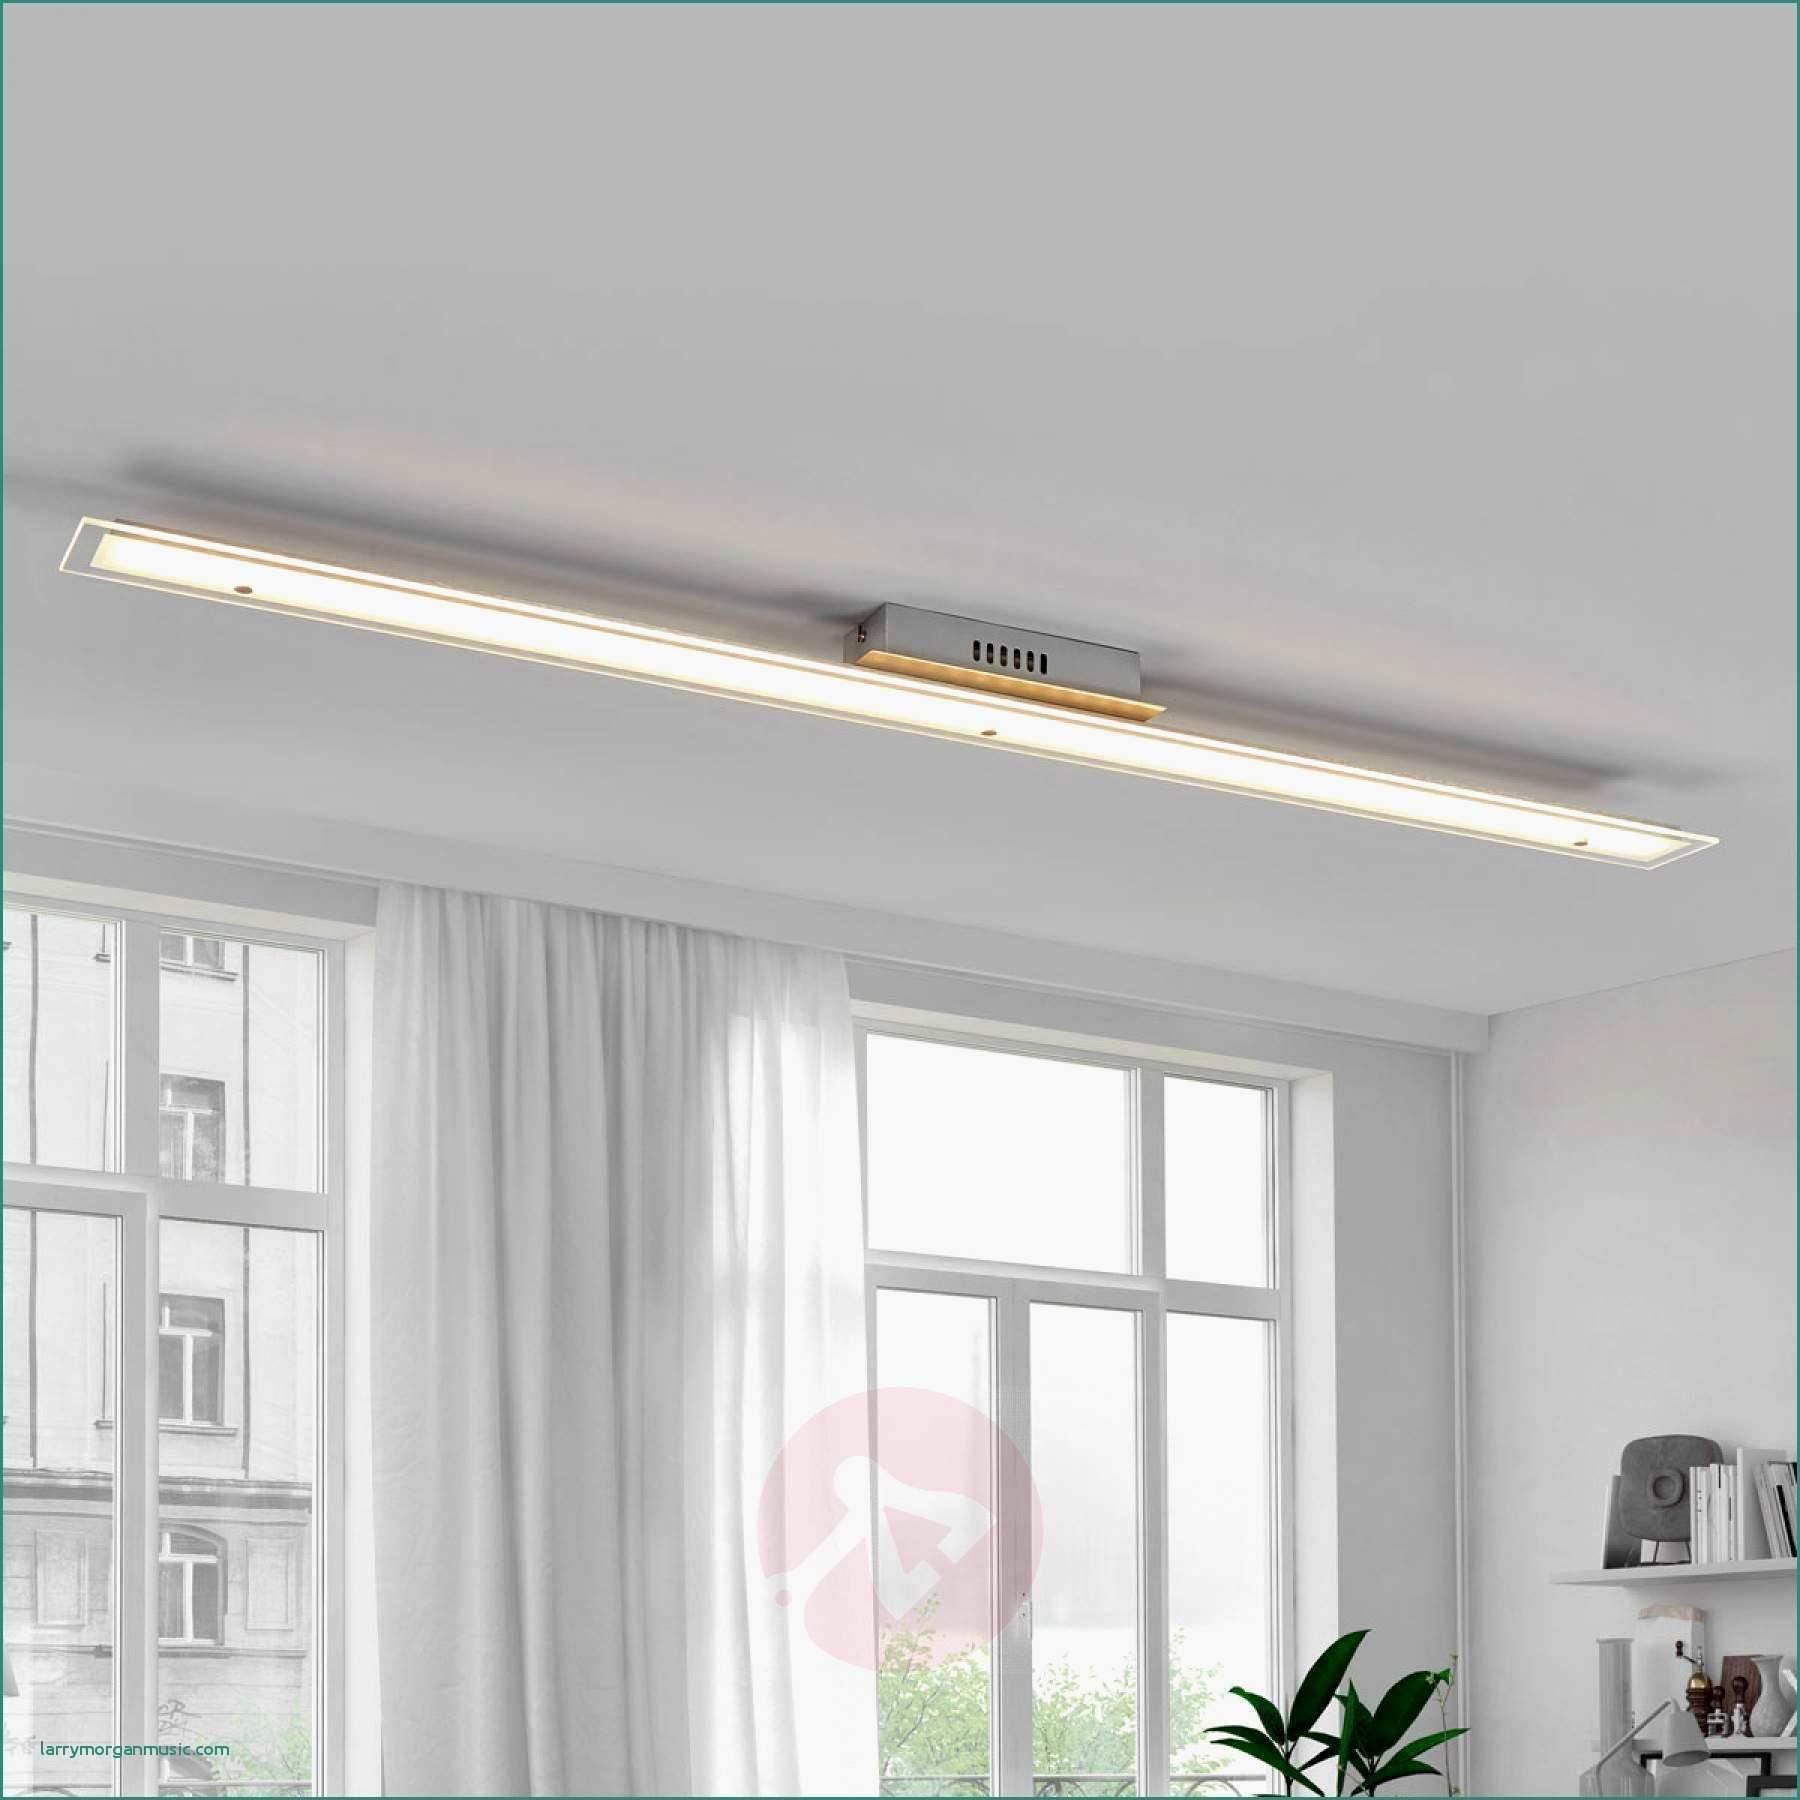 Full Size of Wohnzimmer Deckenlampen Exquisiter Stil Verkaufsfoumlrderung Sortendesign Moderne Landhausstil Liege Led Deckenleuchte Beleuchtung Modern Relaxliege Teppiche Wohnzimmer Wohnzimmer Deckenlampen